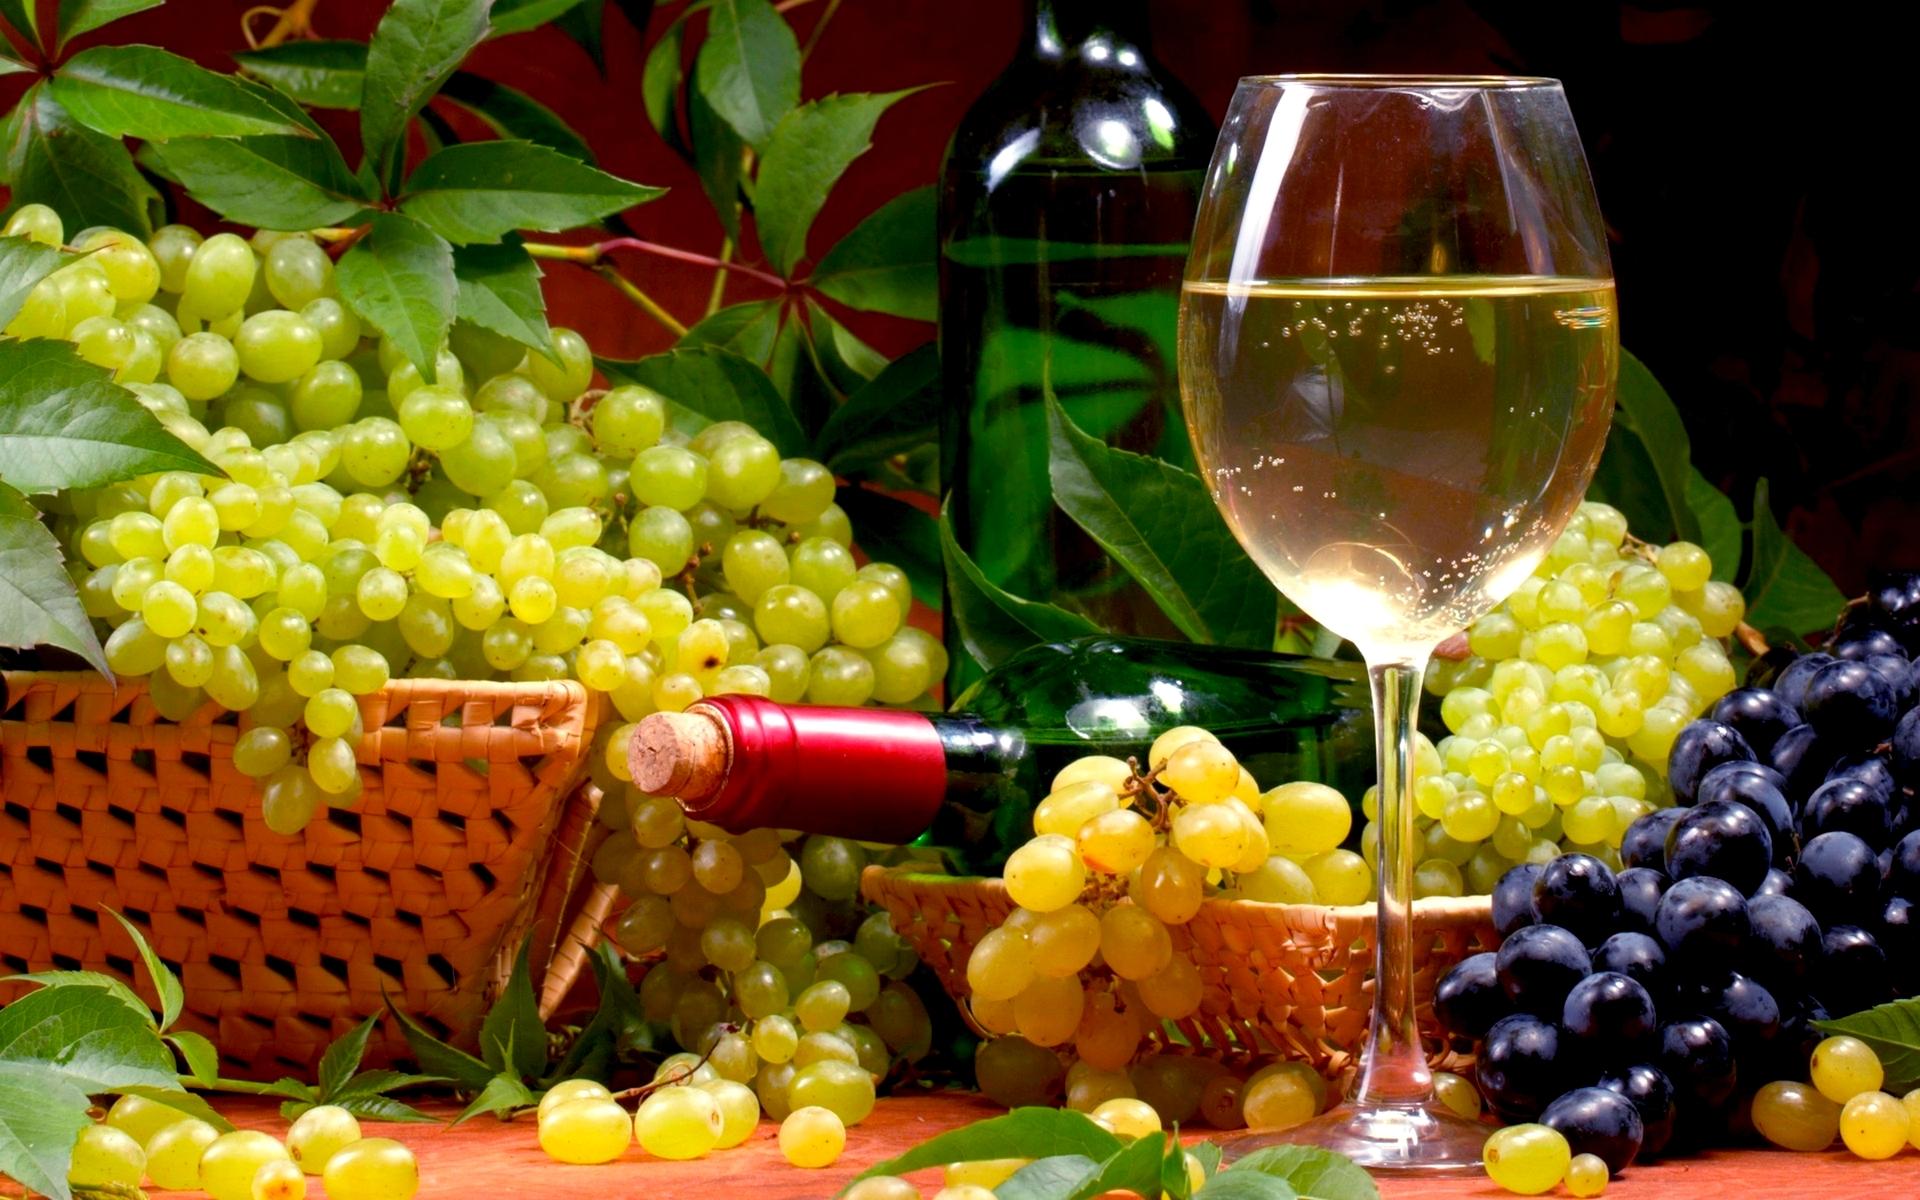 снимки виноградная открытка гипсокартона